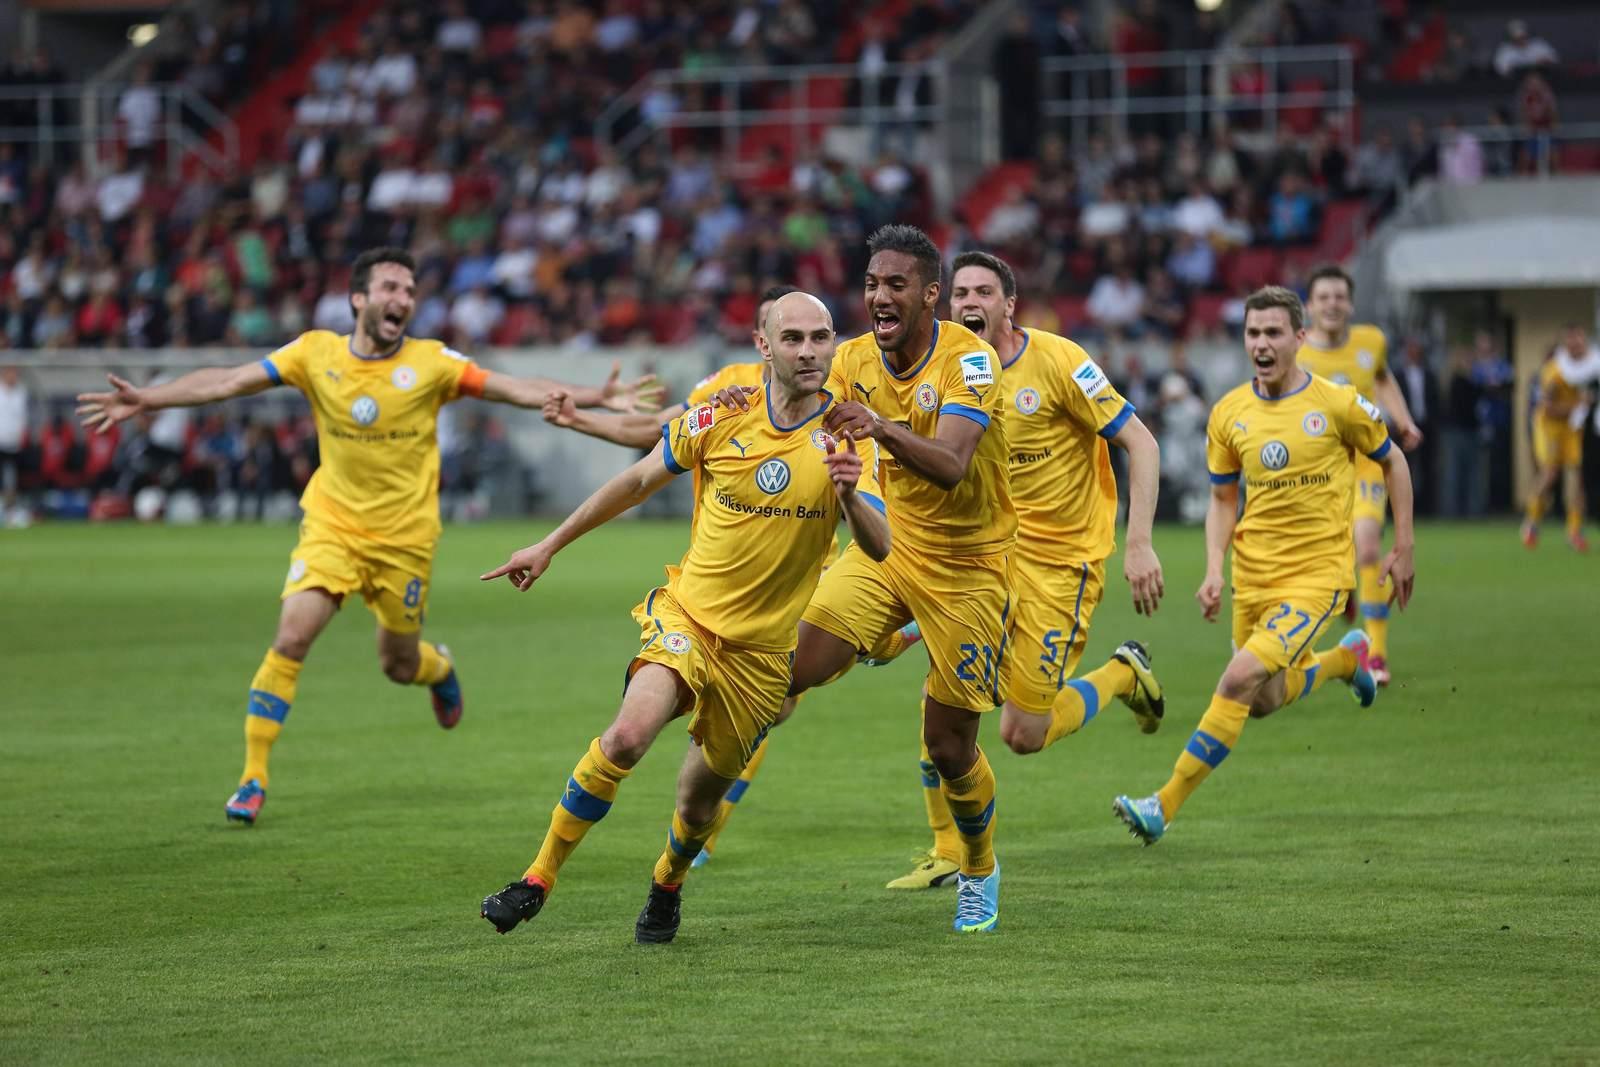 Damir Vrancic jubelt nach seinem Treffer zum 1:0 gegen Ingolstadt